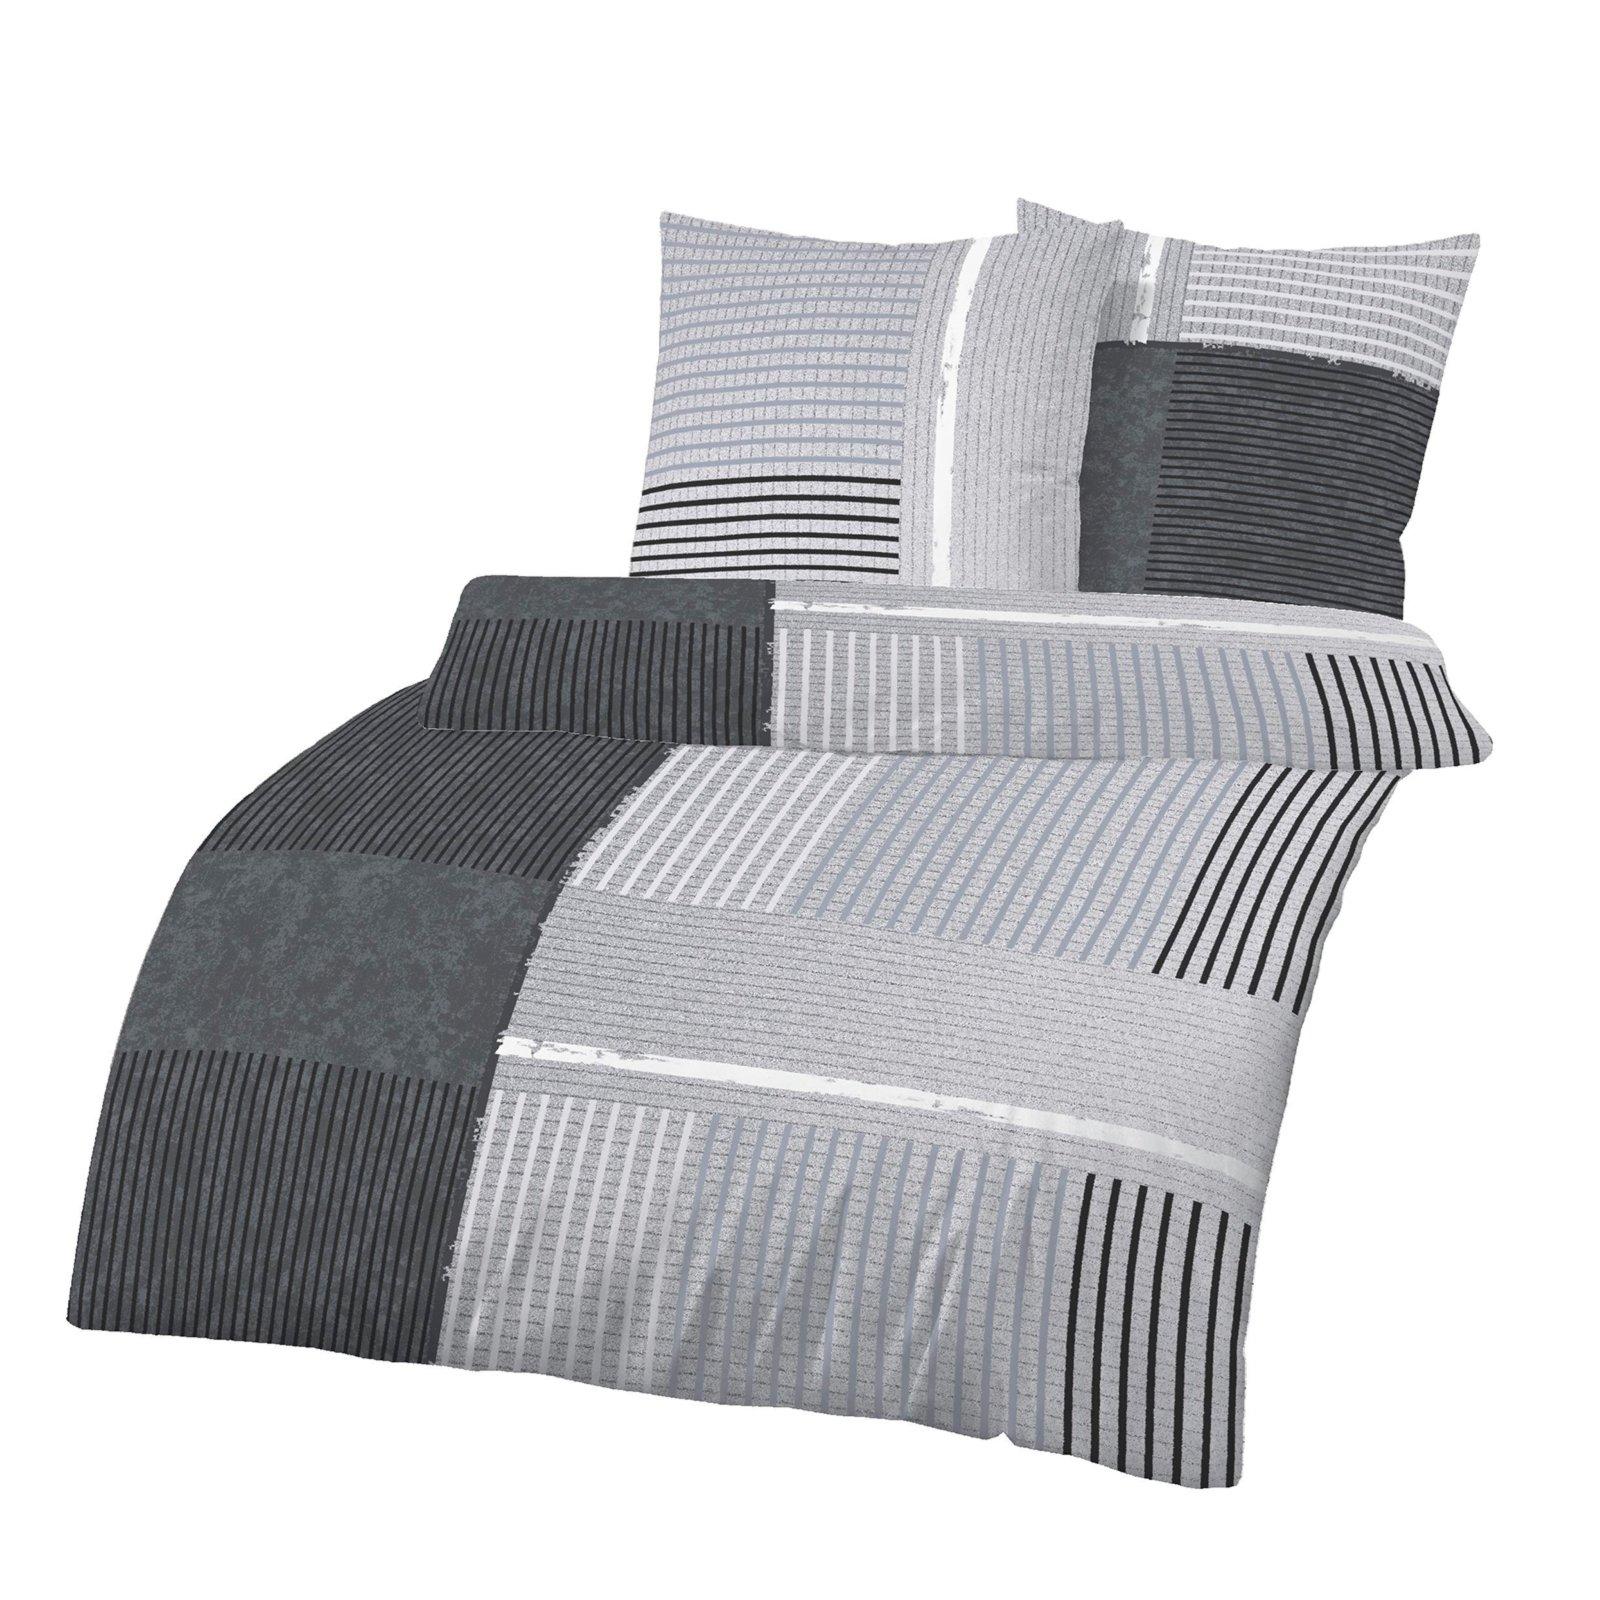 biber bettw sche silber pigmente 155x220 cm bettw sche bettw sche bettlaken. Black Bedroom Furniture Sets. Home Design Ideas